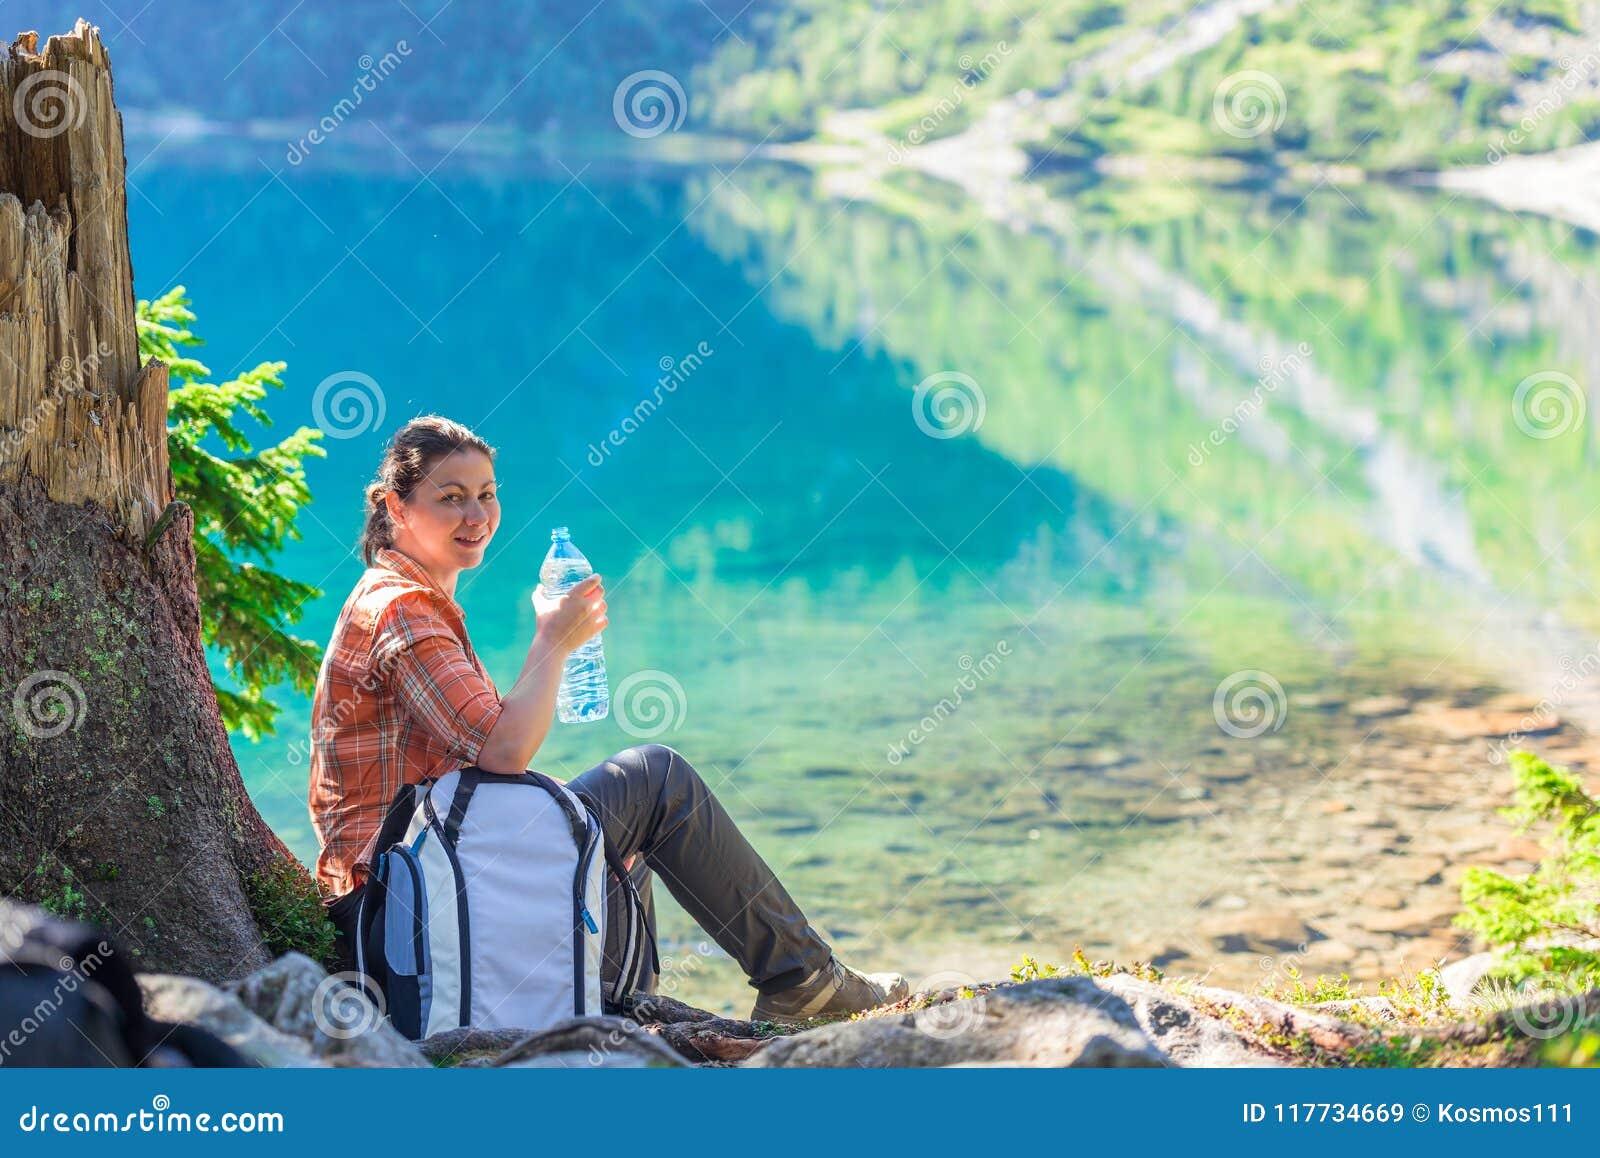 Kobieta z butelką woda pitna odpoczywa blisko pięknego sce